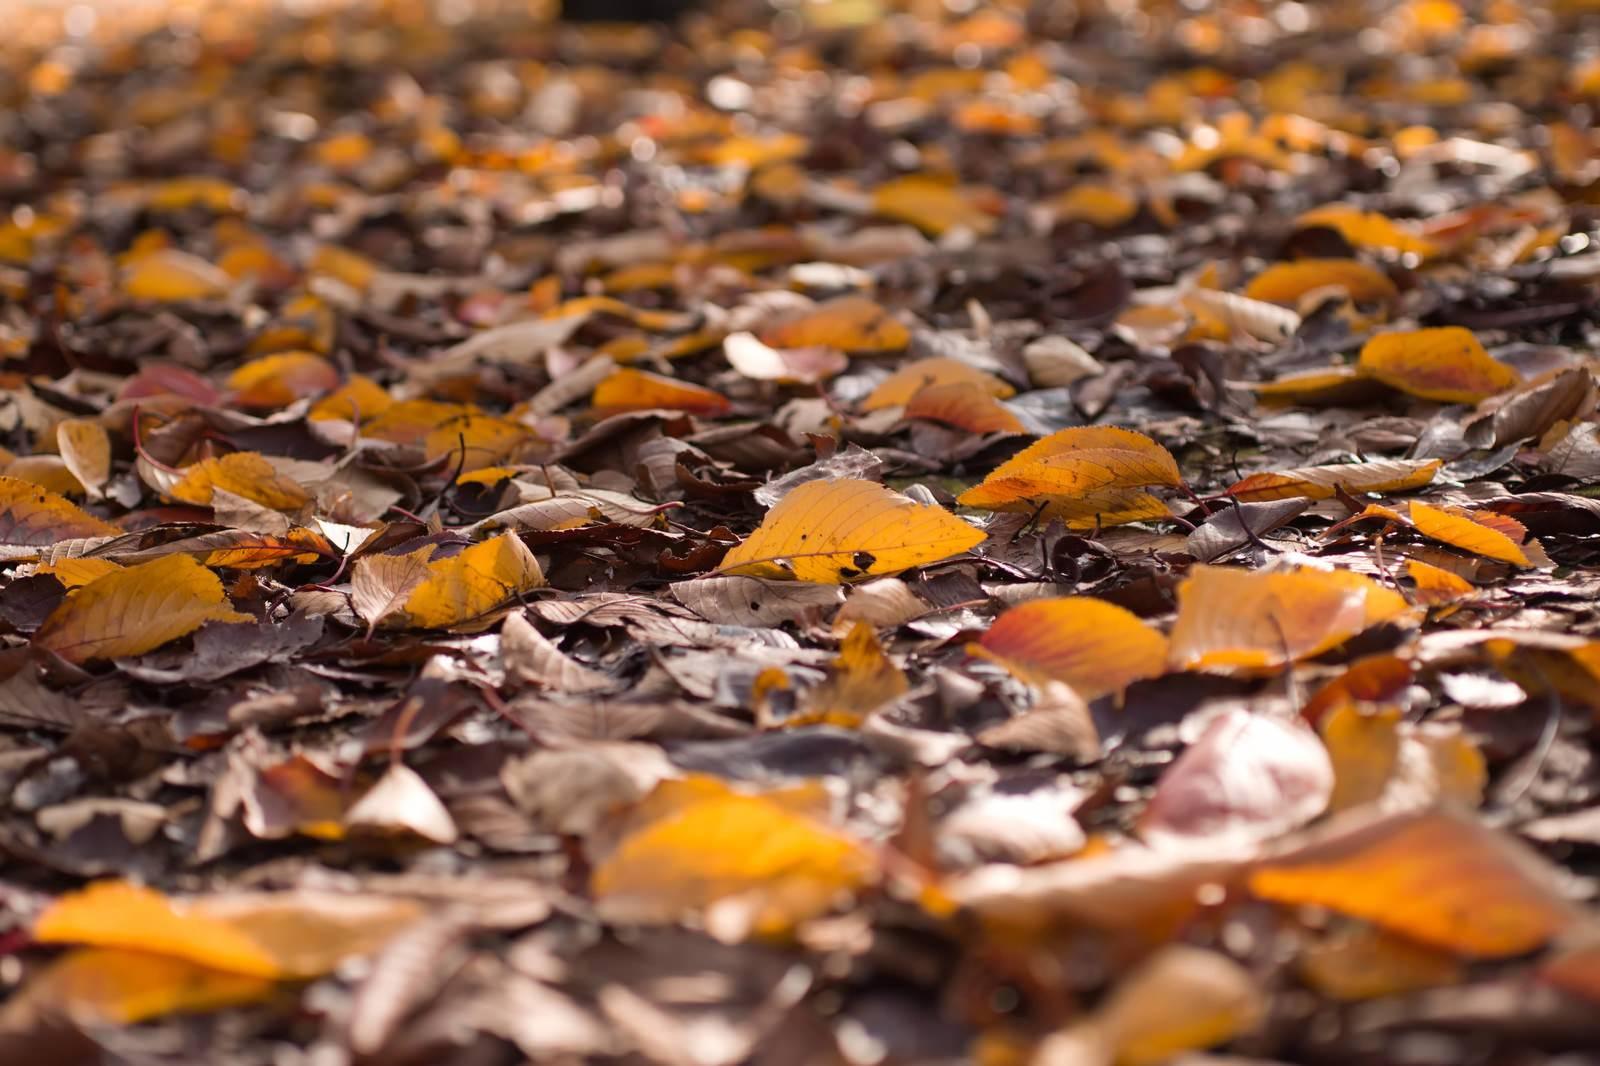 「落ち葉」の写真